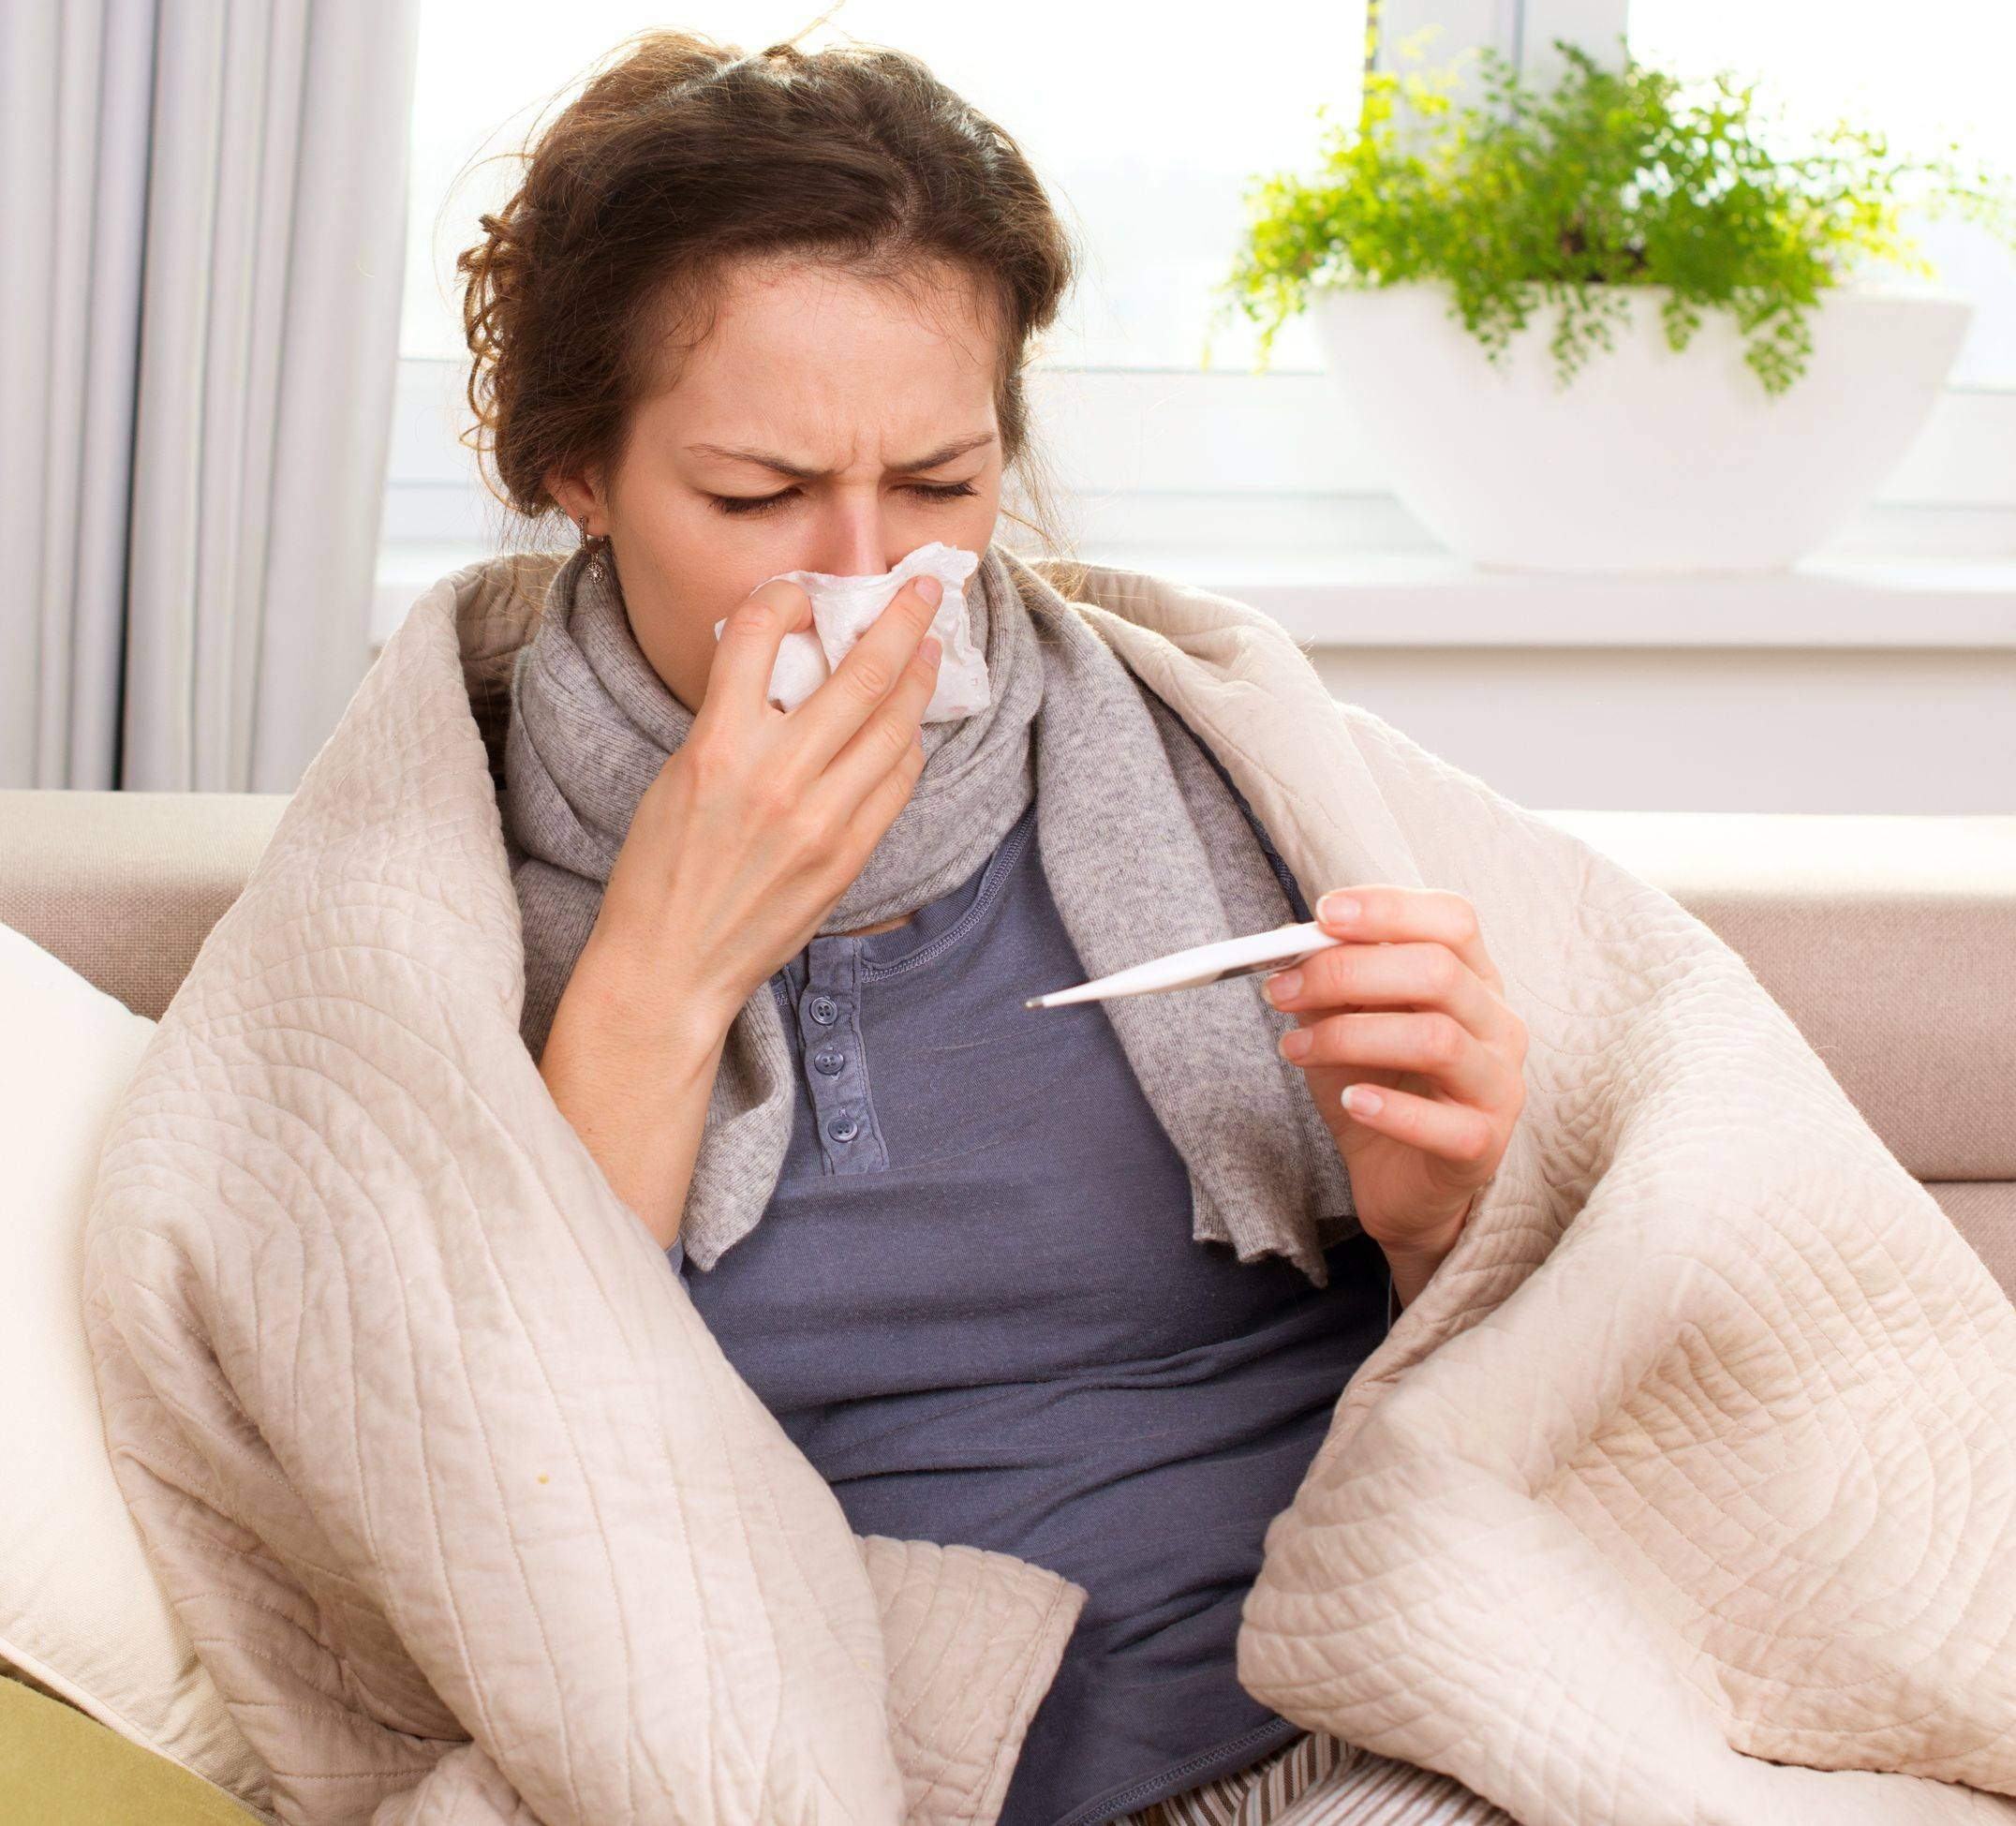 Коронавирус, кондиционеры и вентиляция: апик честно отвечает на часто задаваемые вопросы - мир климата и холода